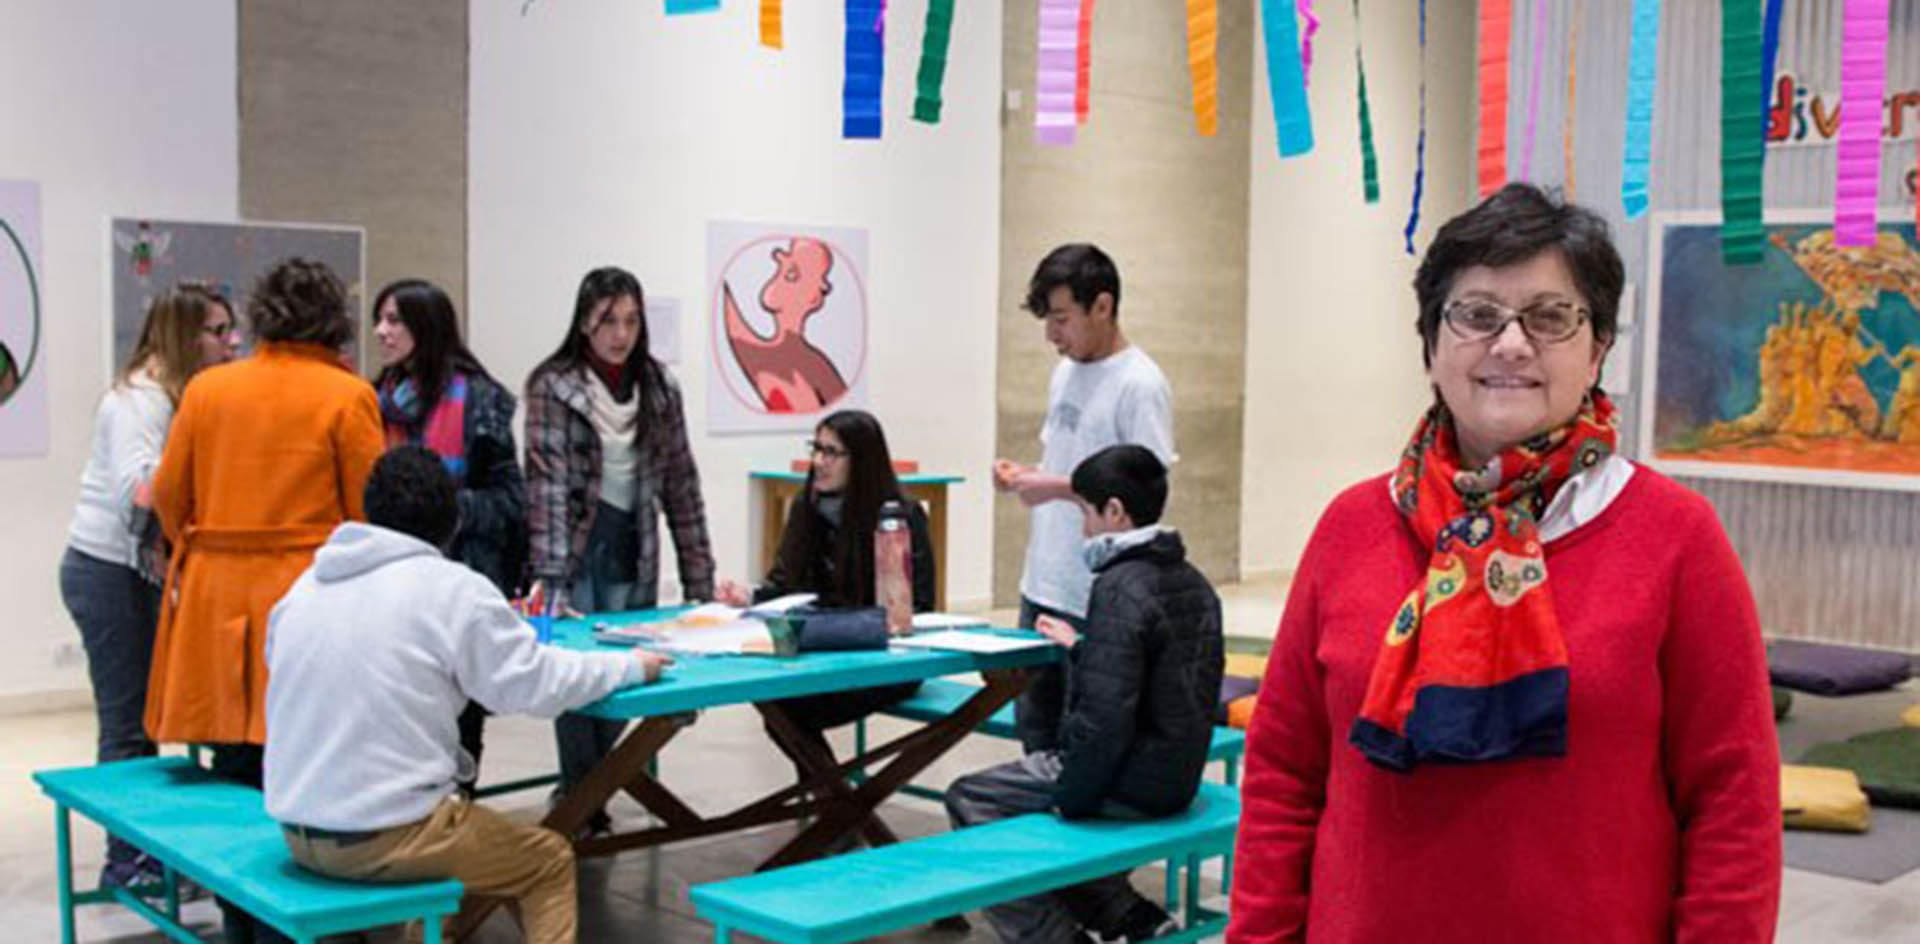 Los museos, imprescindibles para las transformaciones sociales